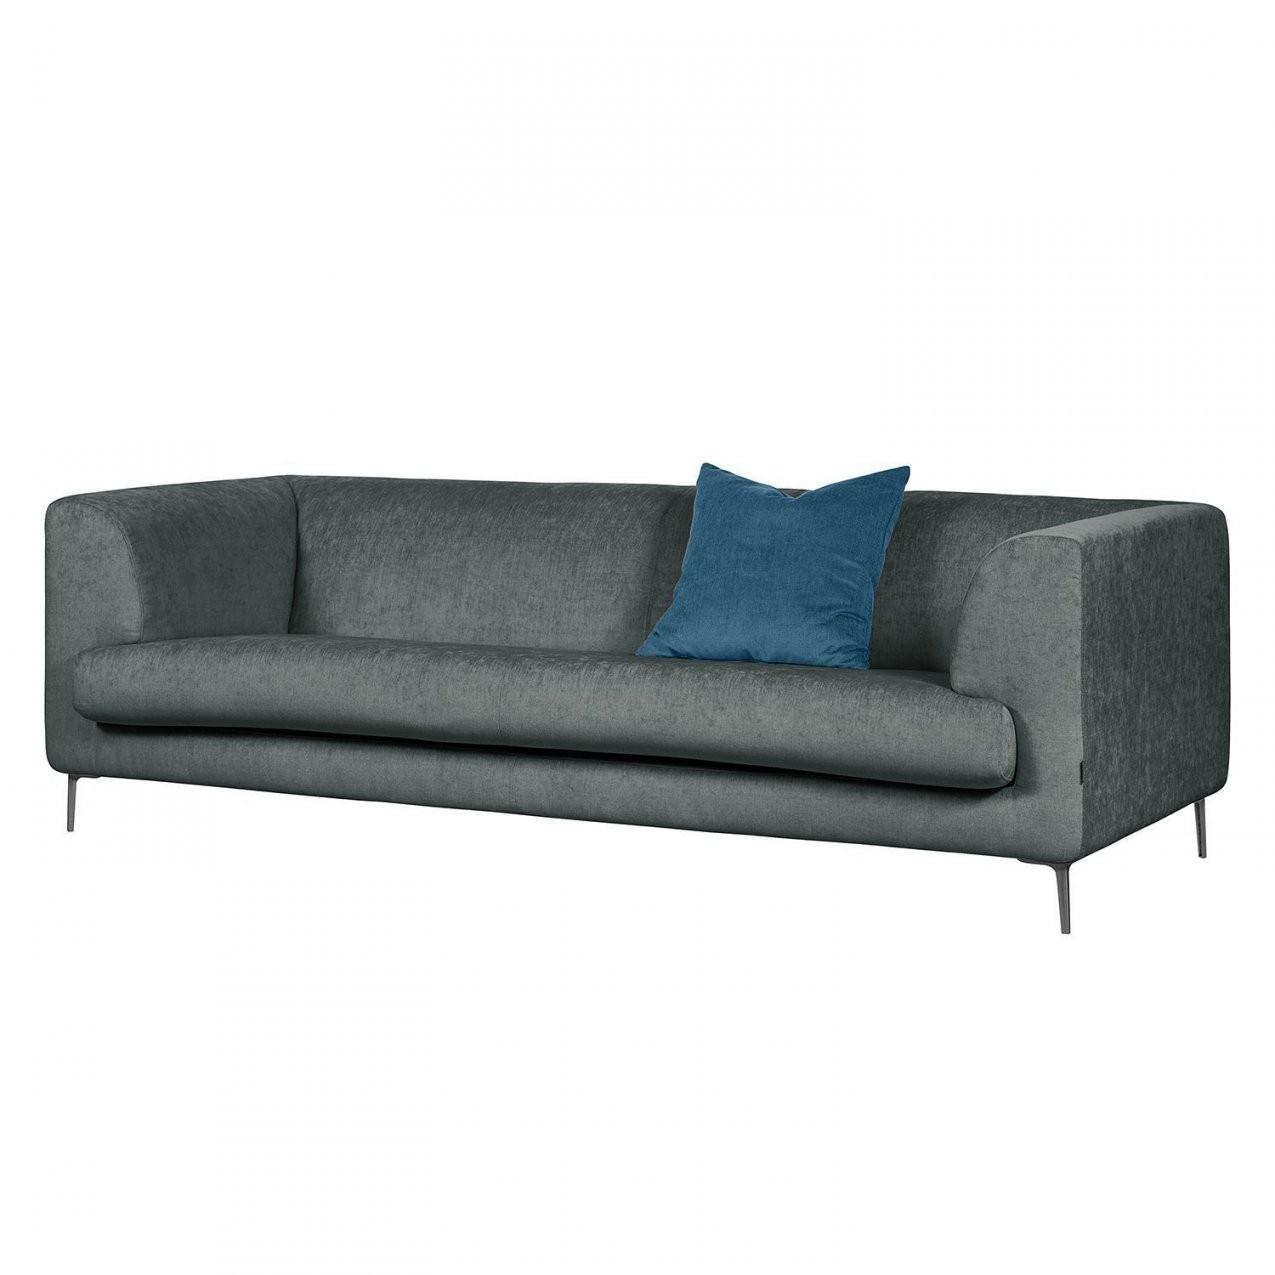 2 Sitzer Sofa Mit Schlaffunktion Otto  Couchgarnitur Pascara U Form von 2 Sitzer Sofa Mit Bettfunktion Bild